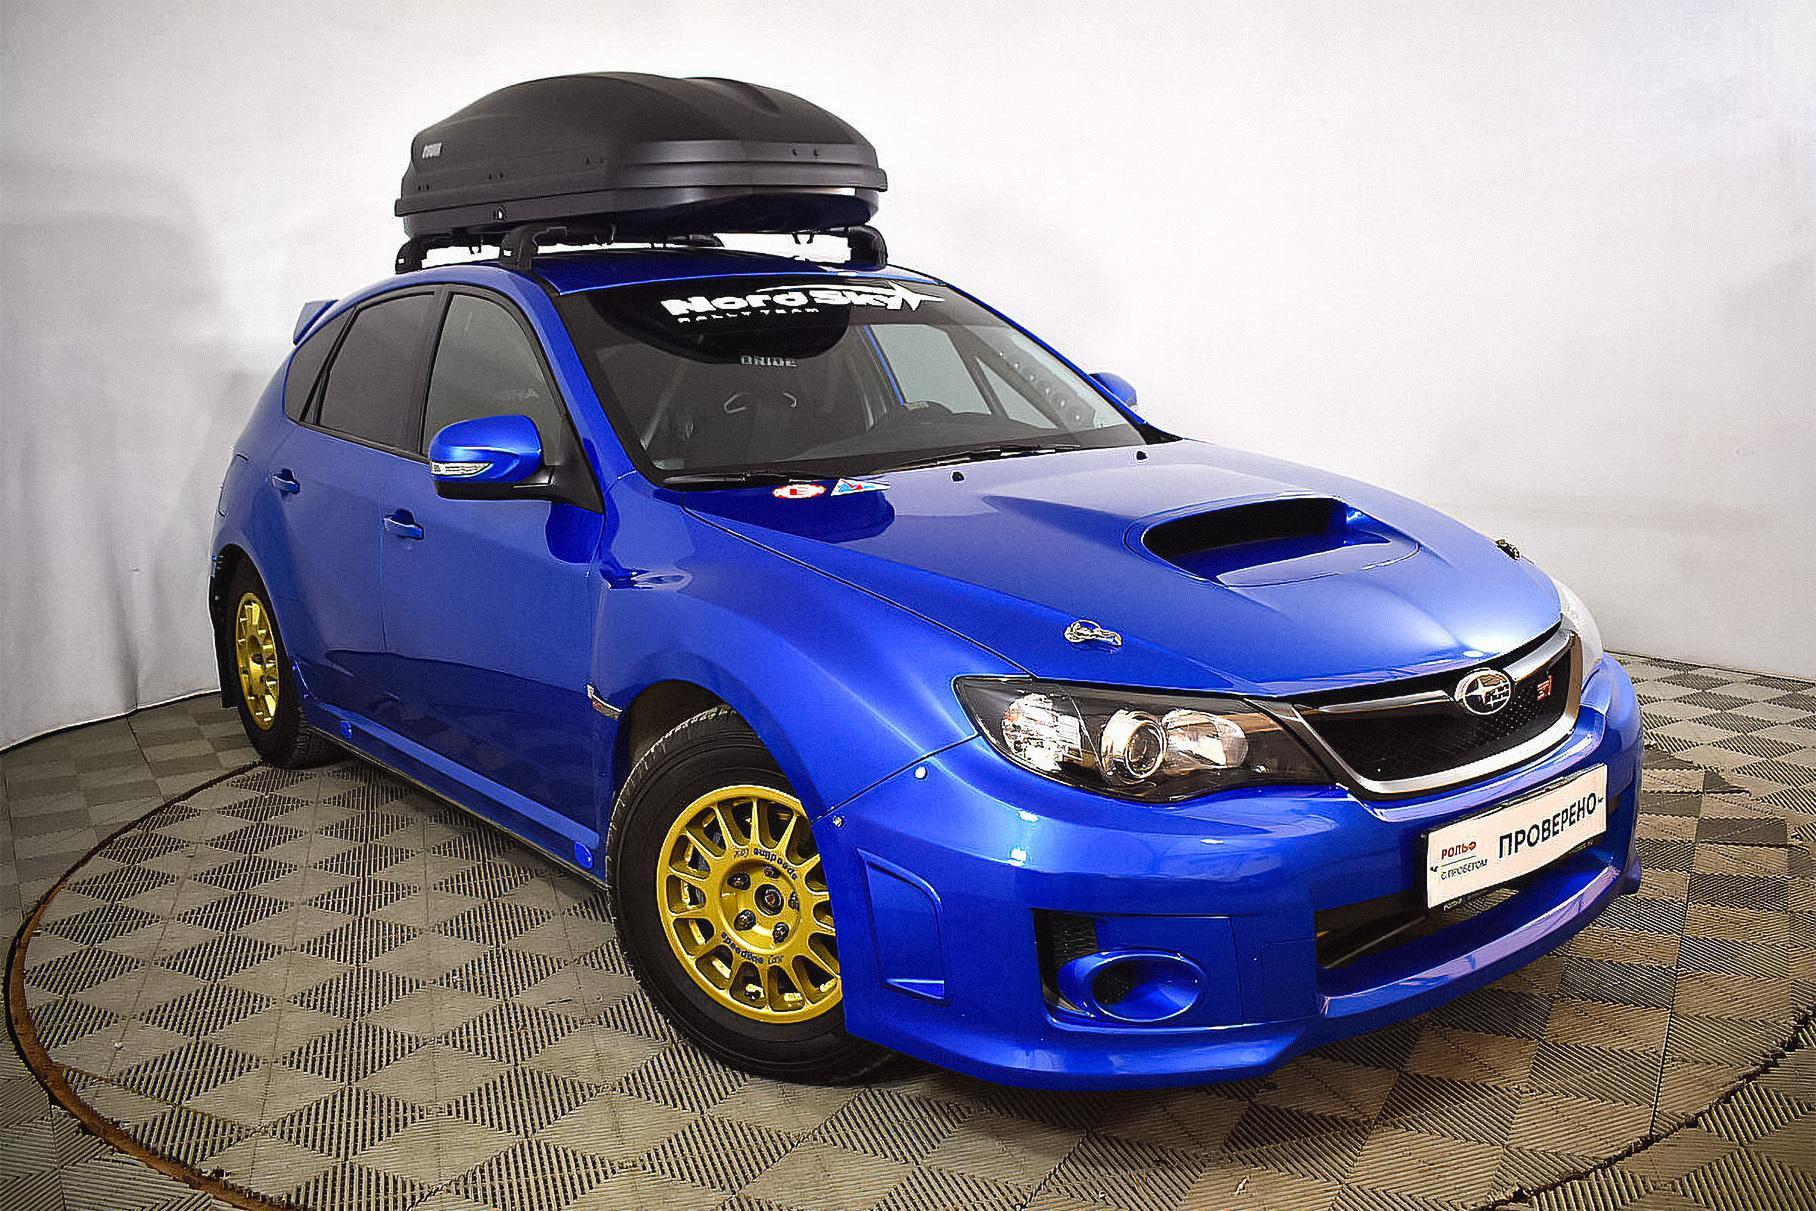 В России продают 14-летний пятидверный хэтчбек Subaru Impreza WRX STi III, проехавший за всё время лишь 3270 км. Скромный пробег обусловлен тем, что спорткар адаптировали для трека.